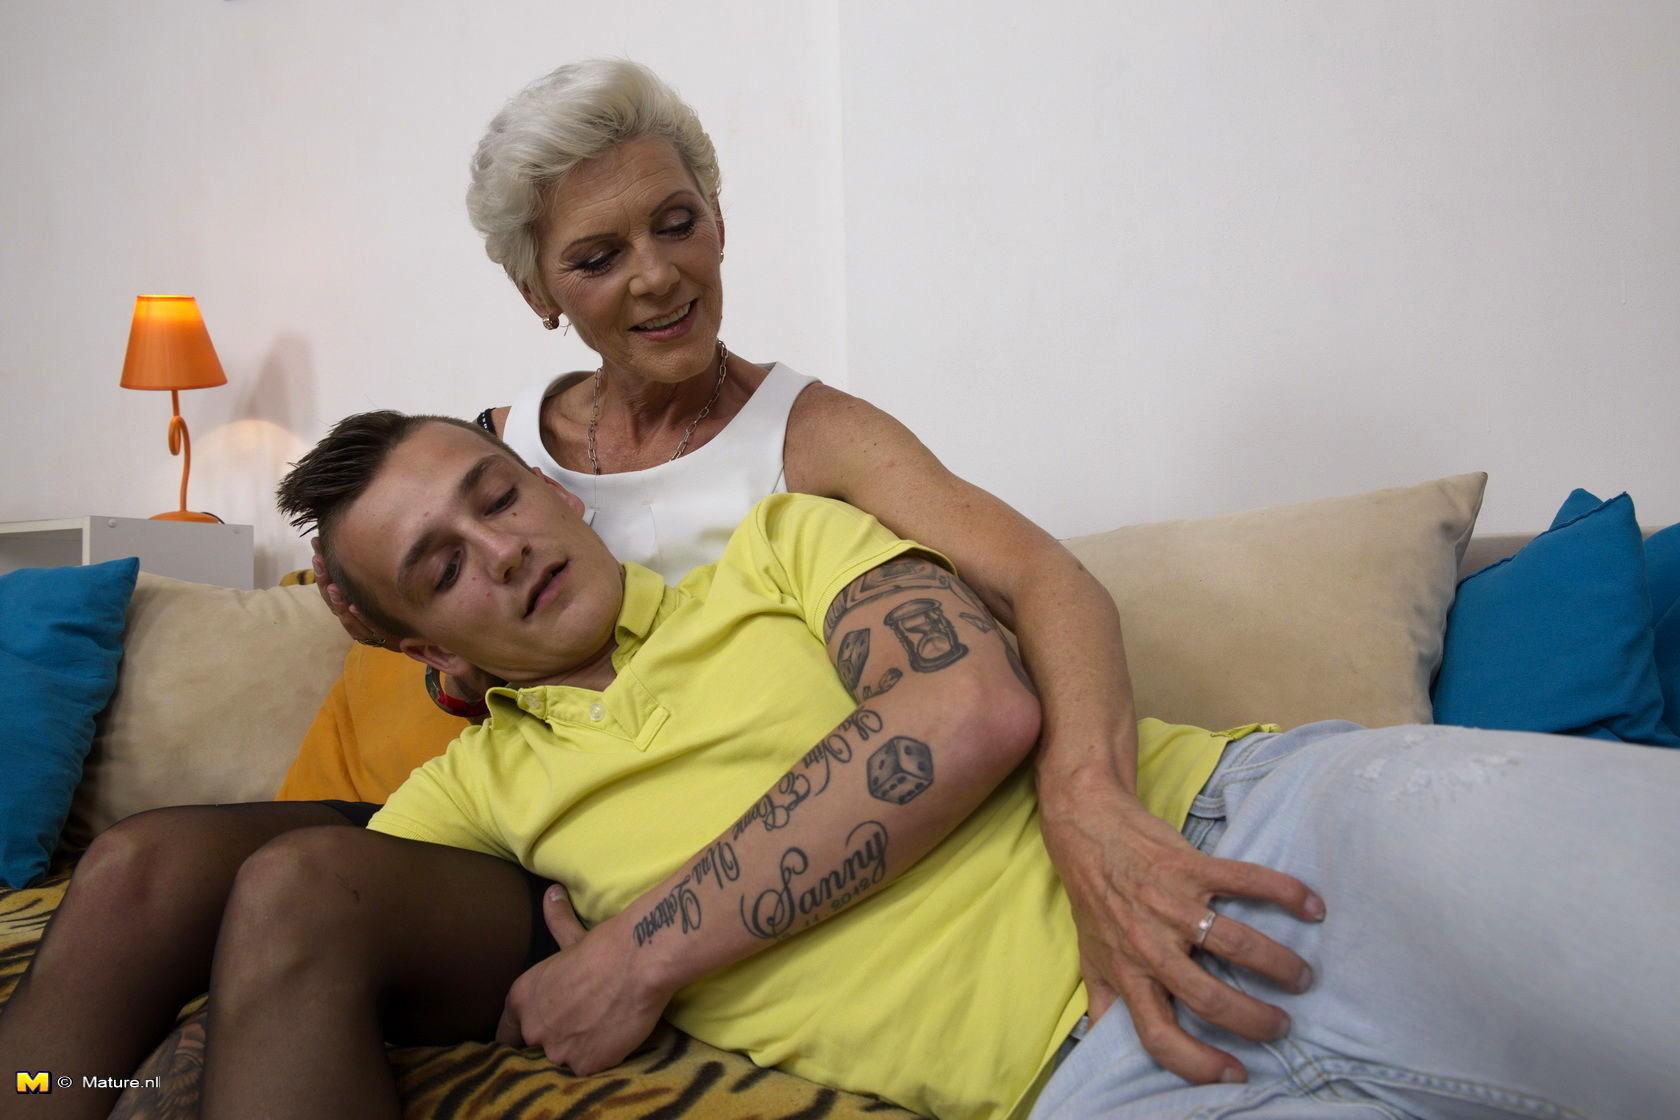 Thaimassage drammen hot older women